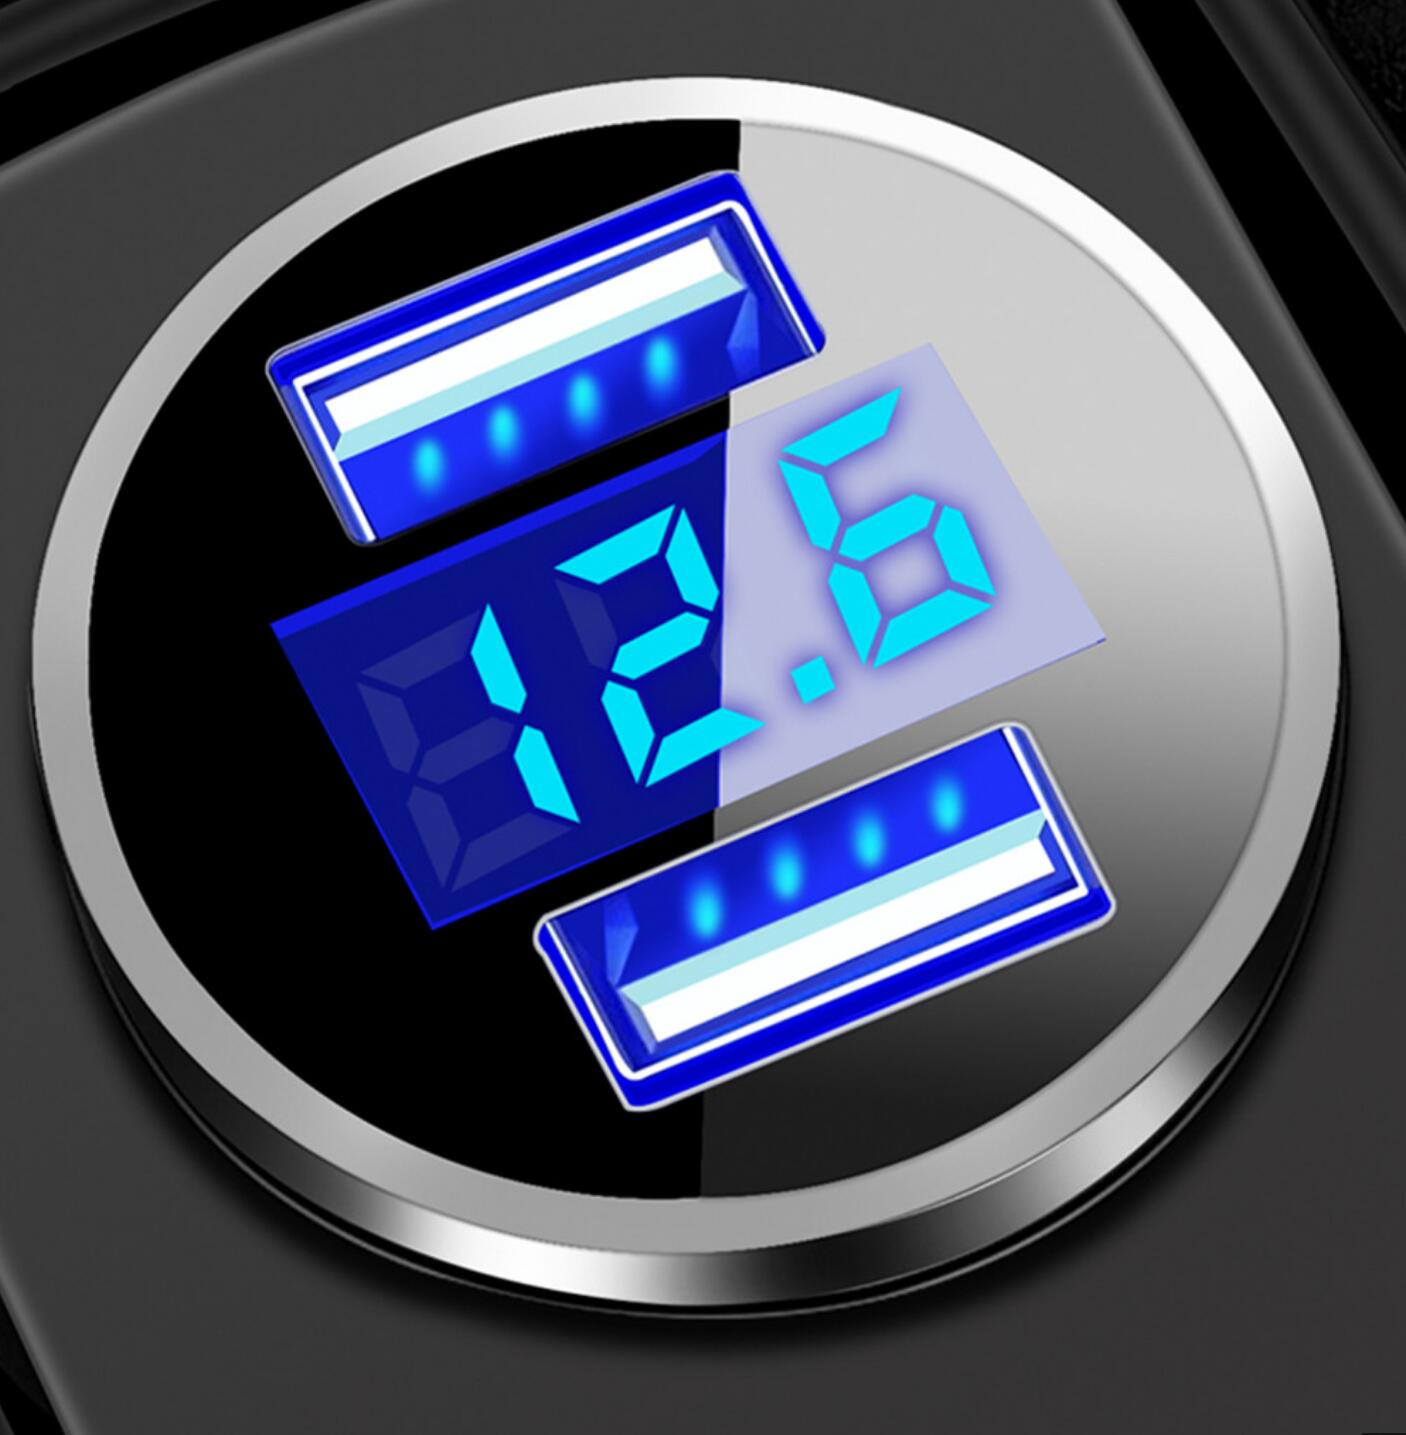 Автомобильные аксессуары для автомобильного зарядного устройства 2 Порты и разъёмы ЖК-дисплей Дисплей 12-24V прикуриватель Зажигалка Dual USB Пр...